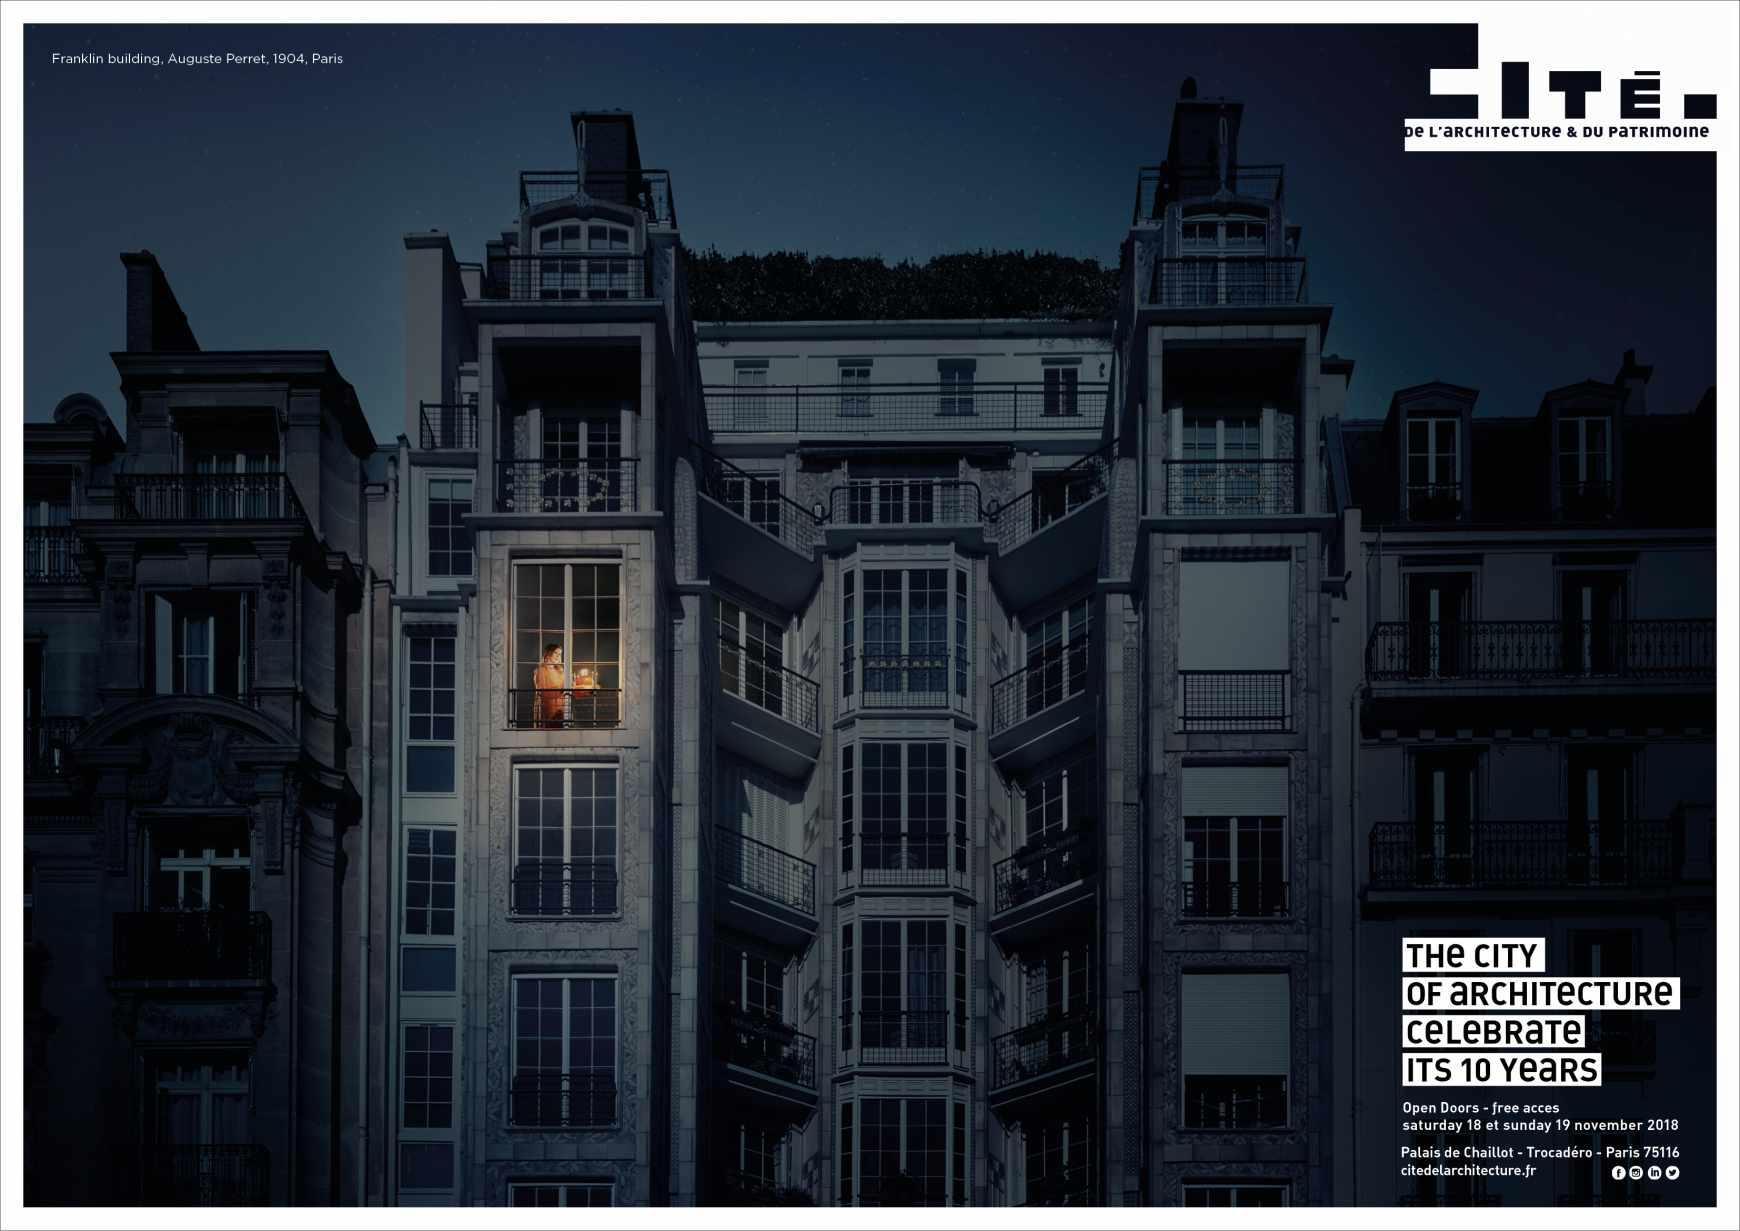 cité de l'architecture et du patrimoine Print Ad - Immeuble Franklin